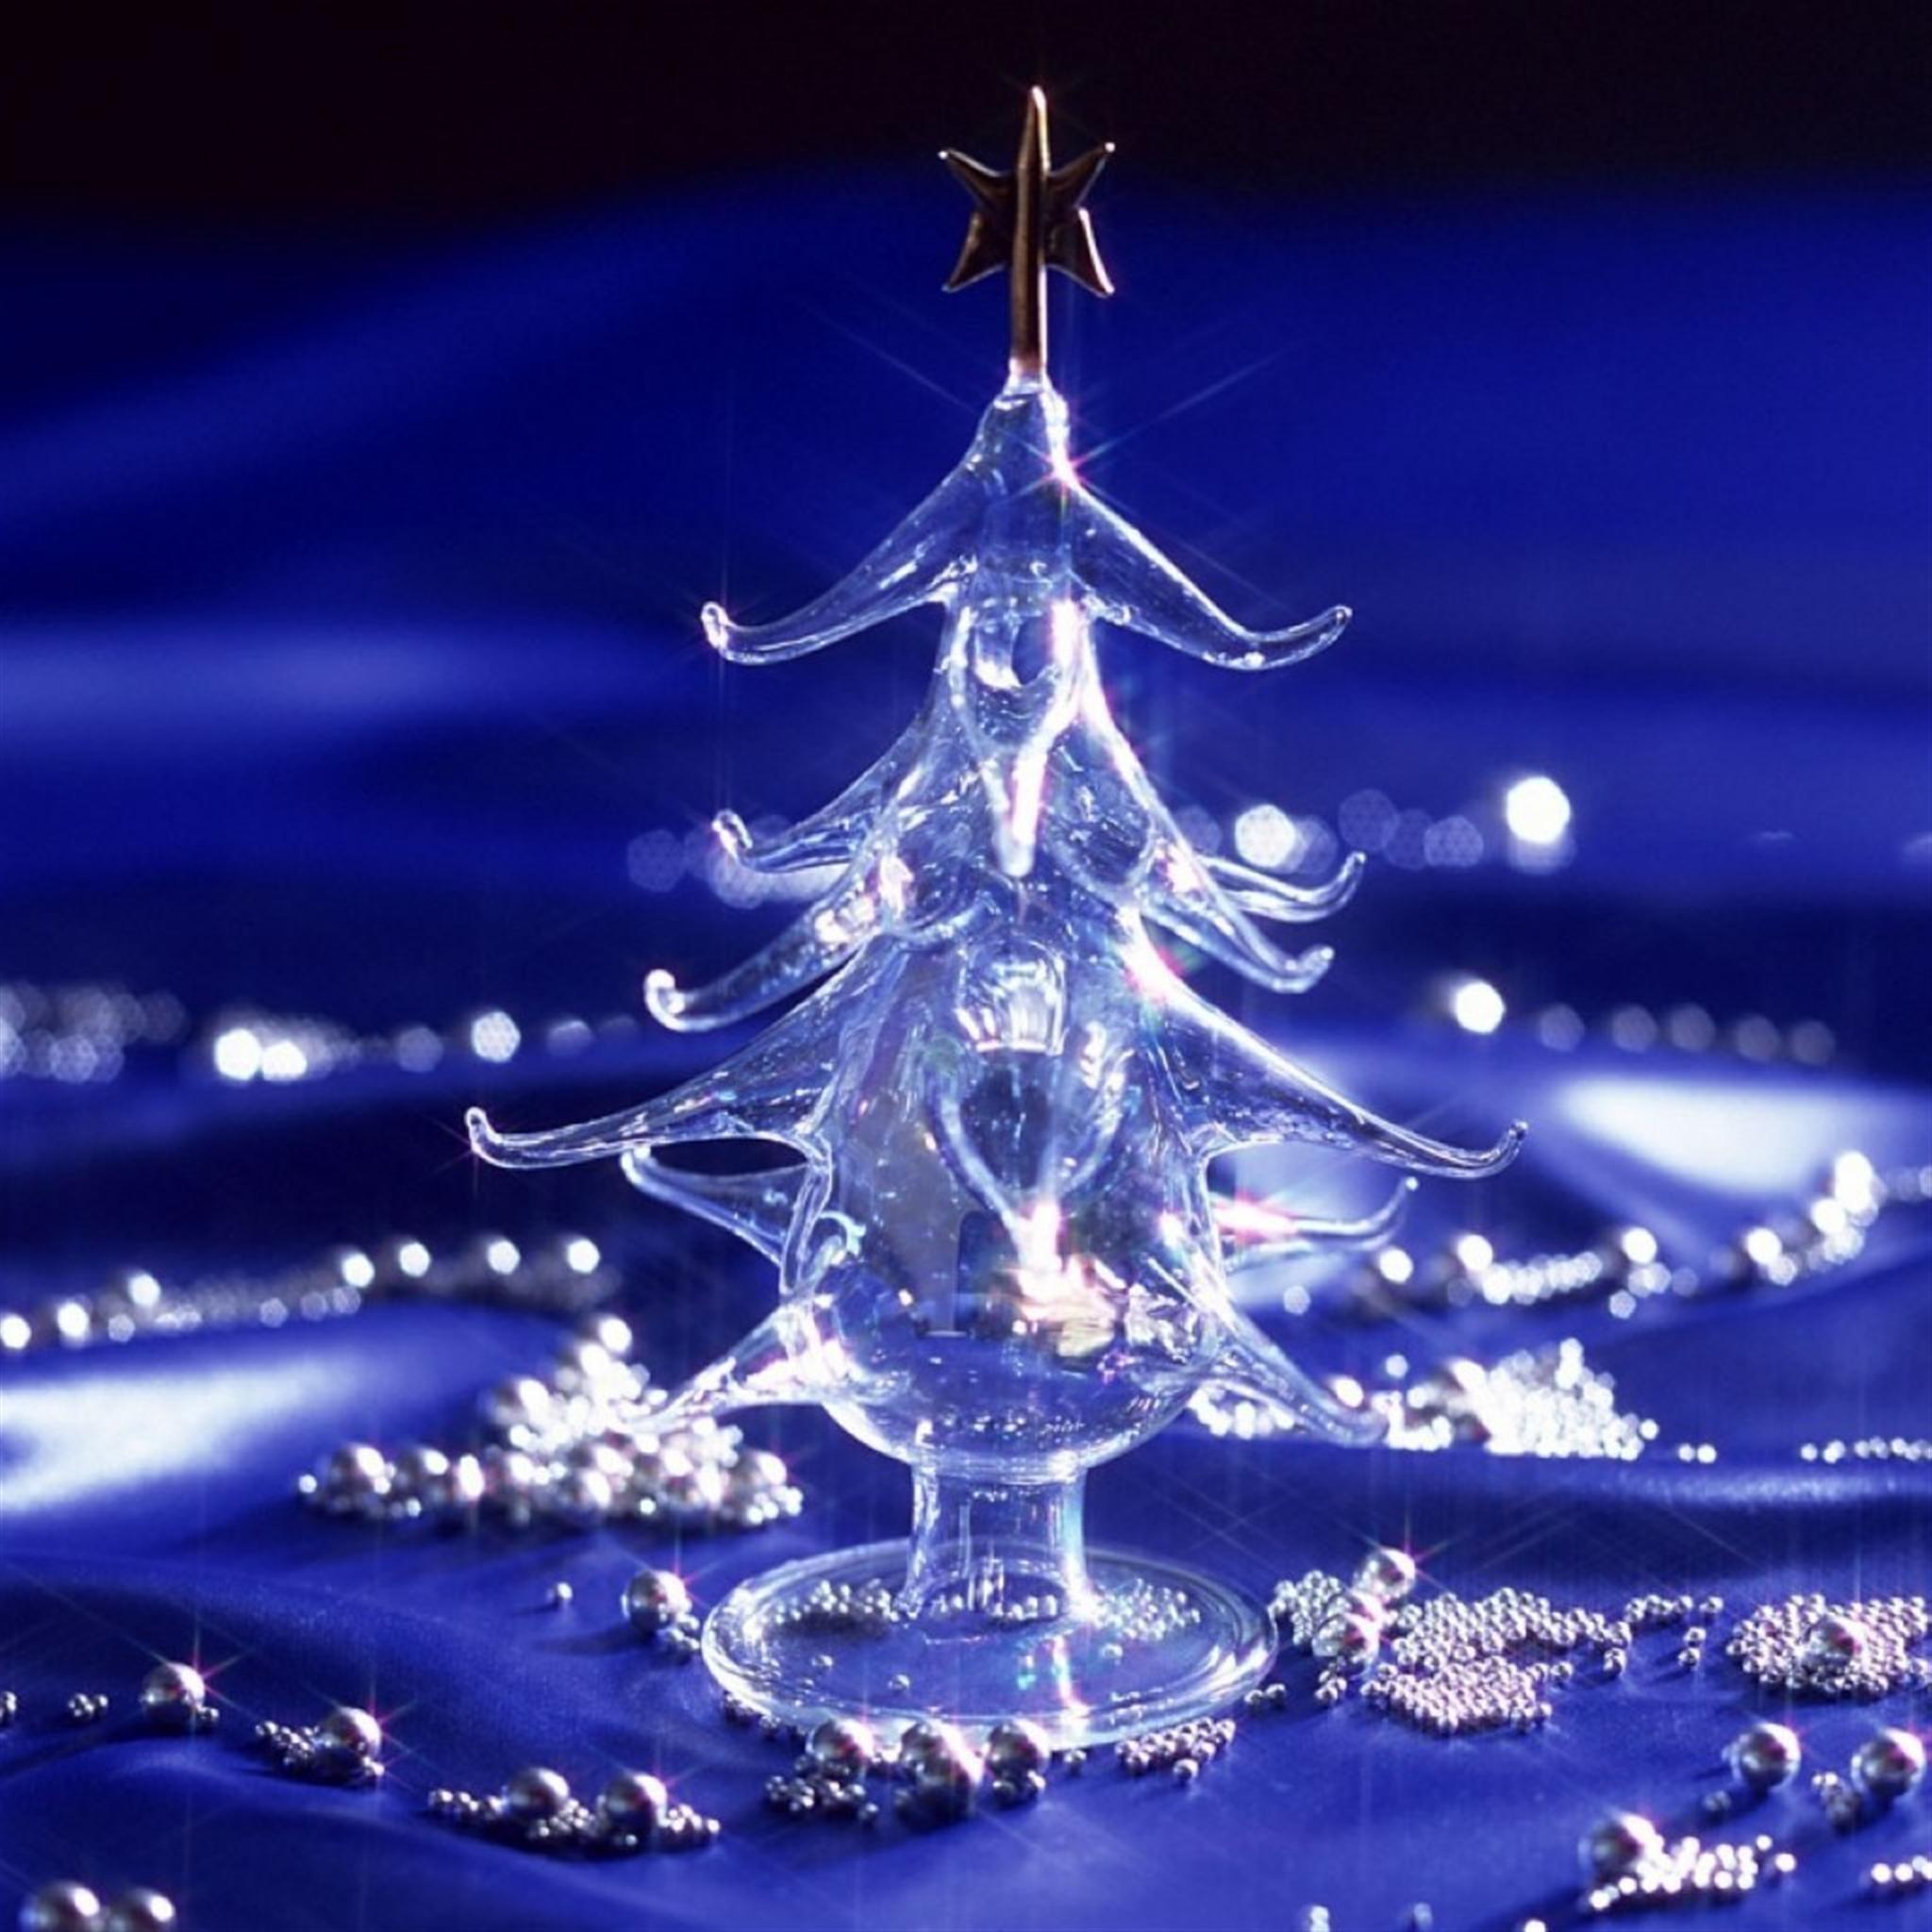 … christmas ipad air wallpapers hd 60 ipad air retina wallpapers …